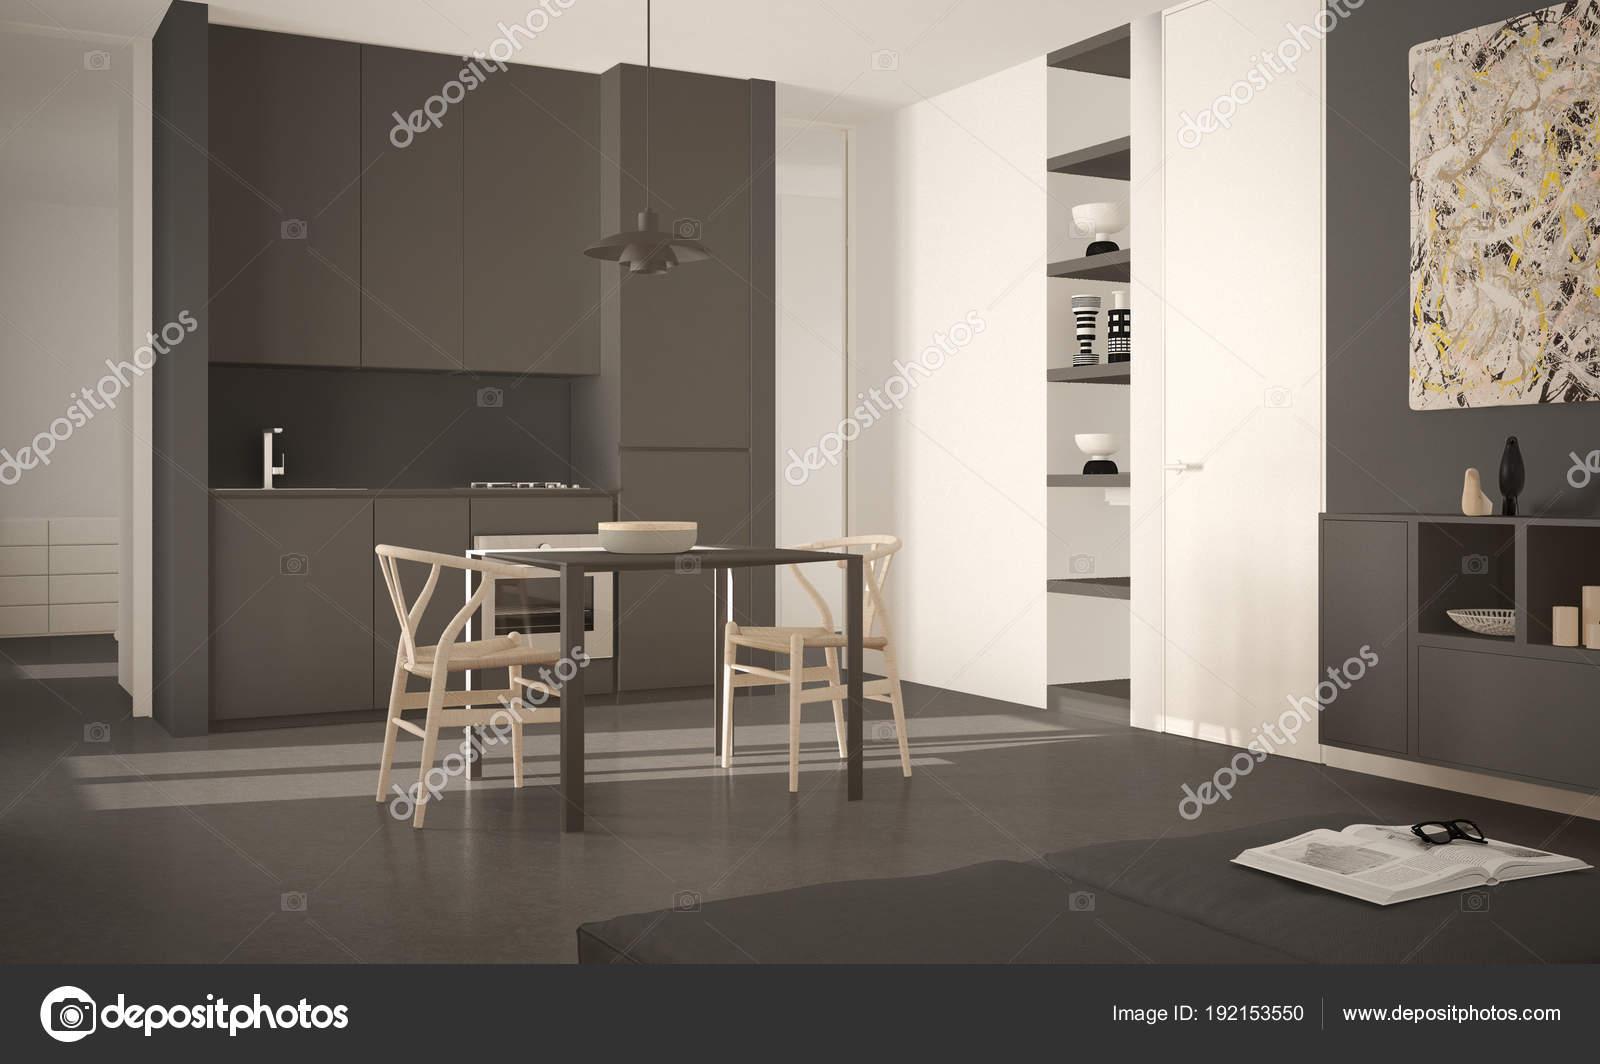 Verzauberkunst Esstisch Stuehle Modern Dekoration Von Minimalistische Moderne Helle Küche Mit Und Stühle,